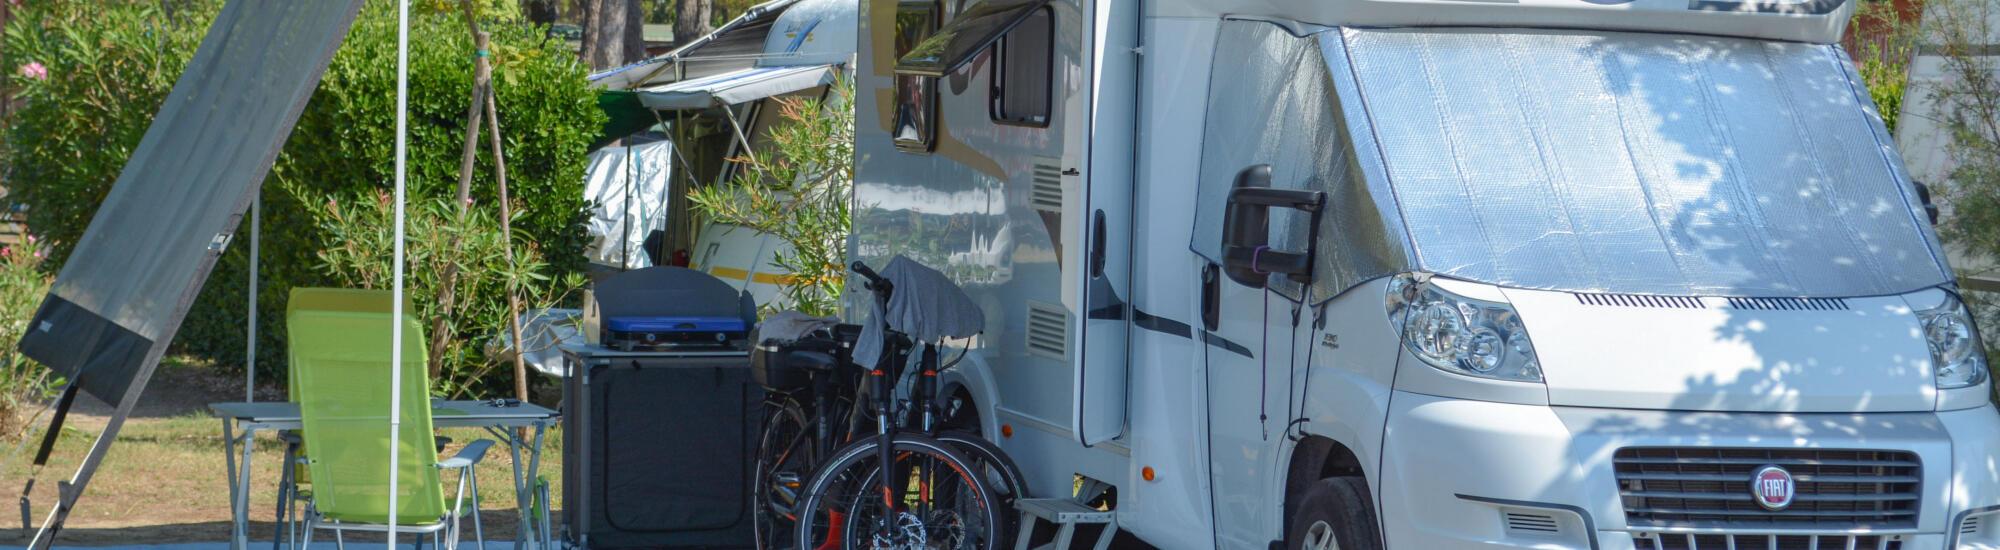 Urlaub auf dem Stellplatz in Bibione: Wochenendaktion im Campingdorf am Meer